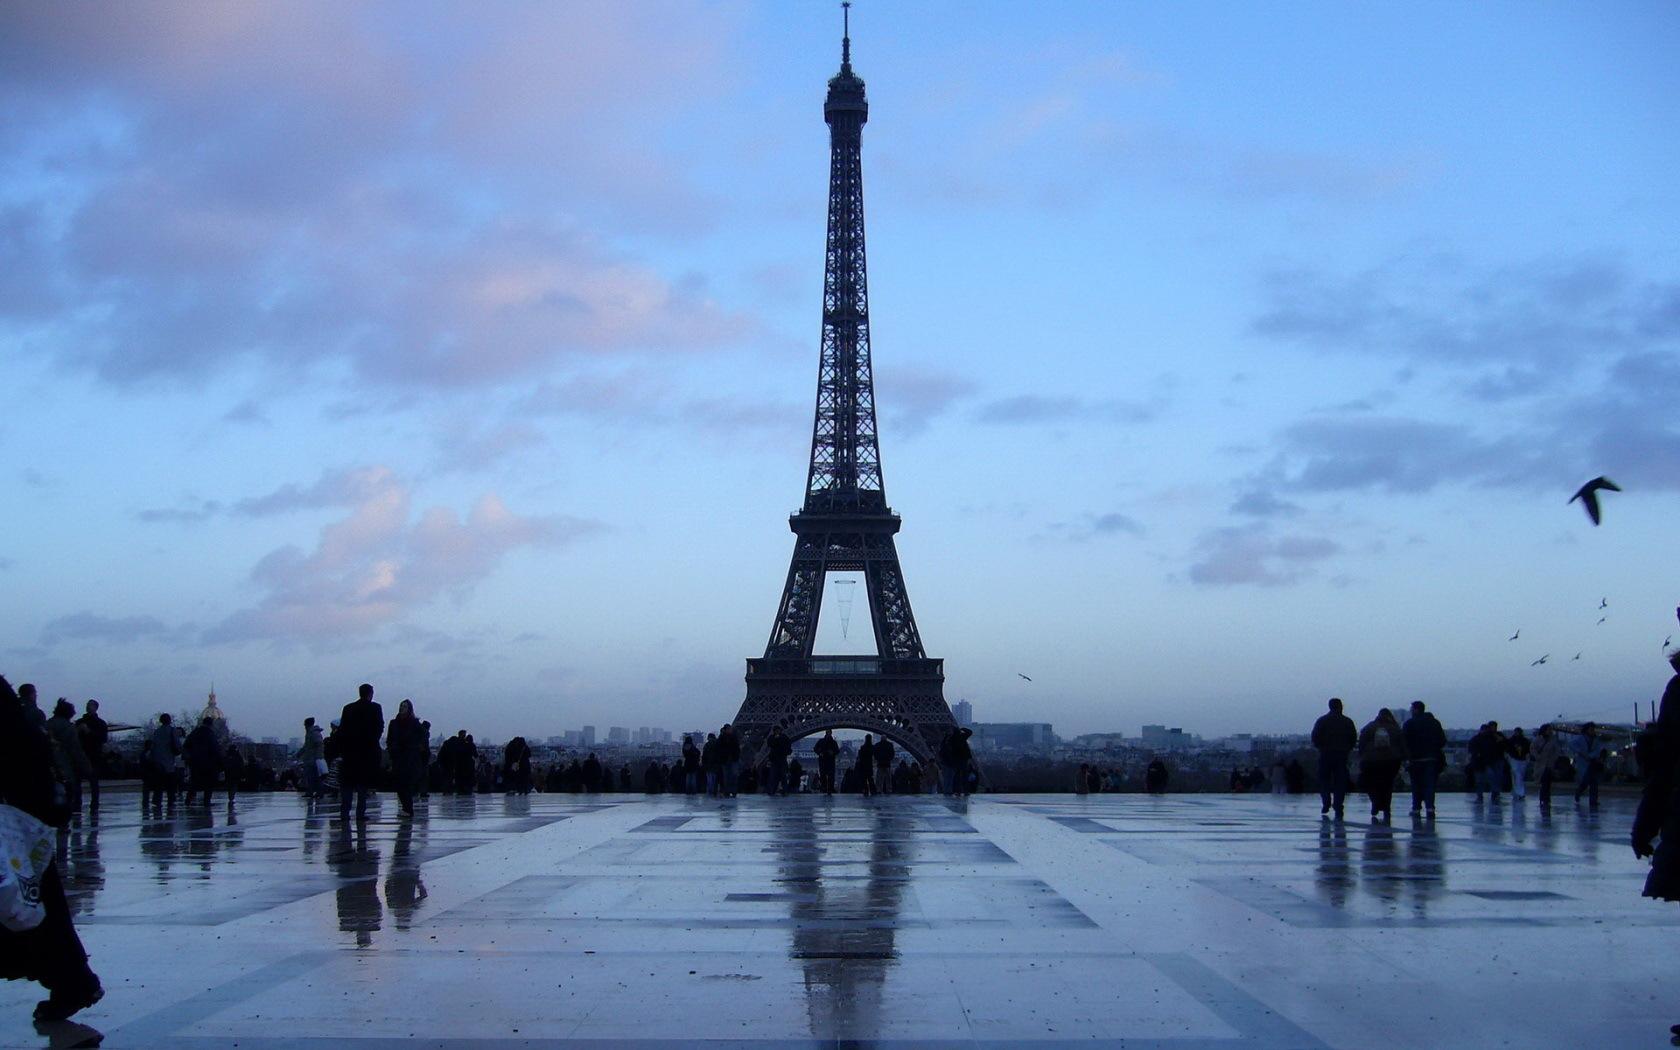 11054 скачать обои Пейзаж, Города, Архитектура, Париж, Эйфелева Башня - заставки и картинки бесплатно